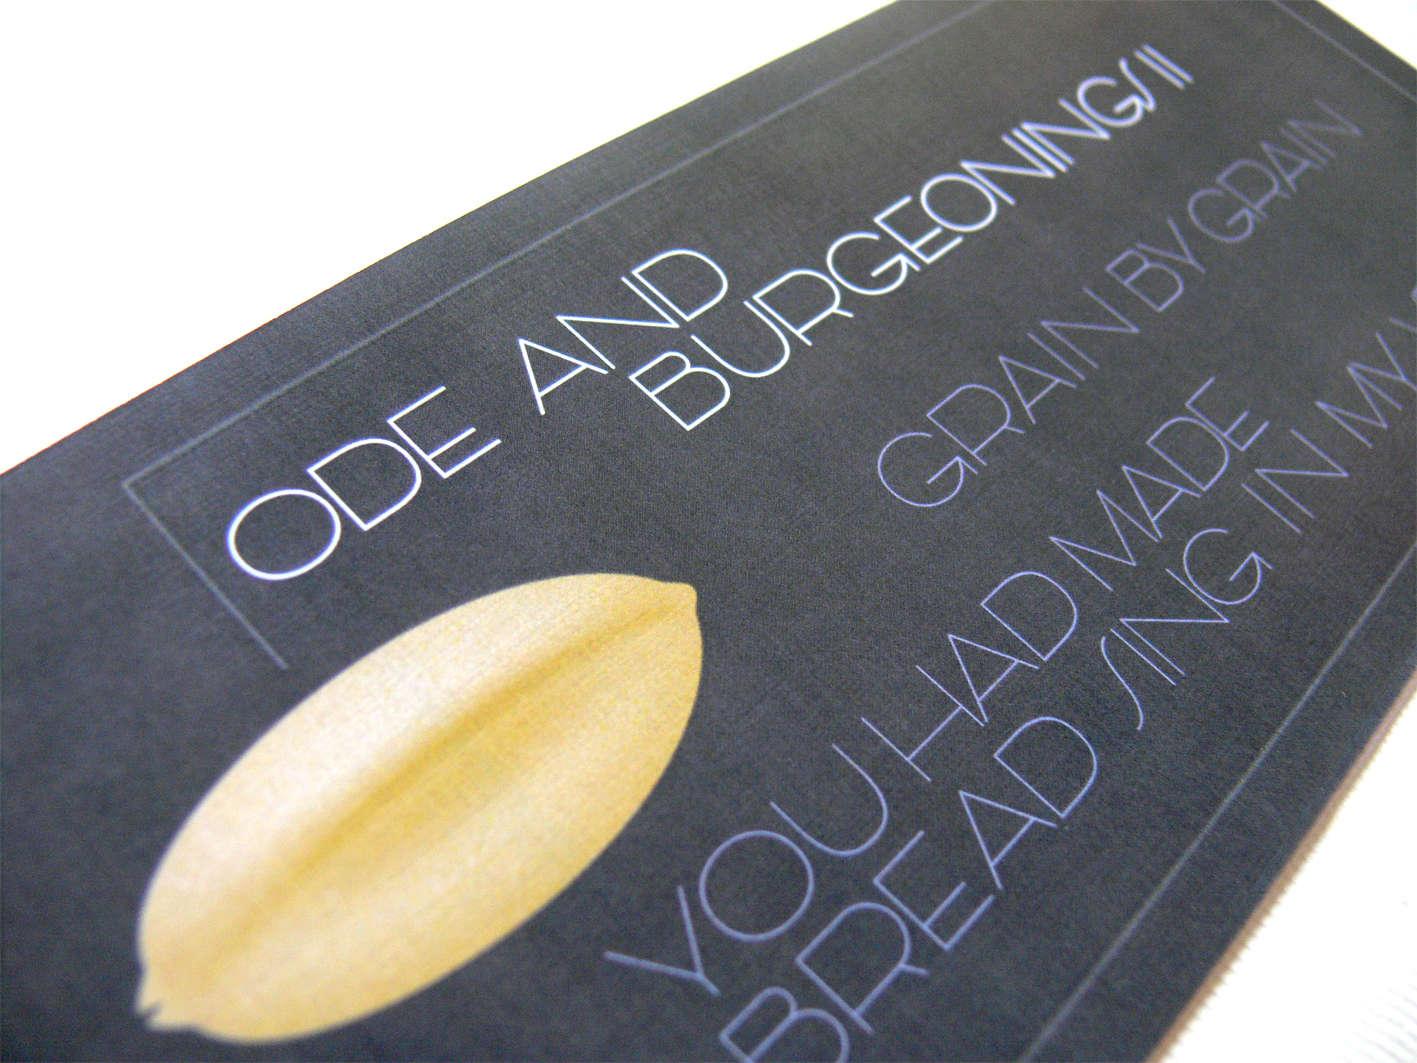 Tipografía para la bodega Ode Winey con lel sistema gráfico inspirado en el trigo y las uvas